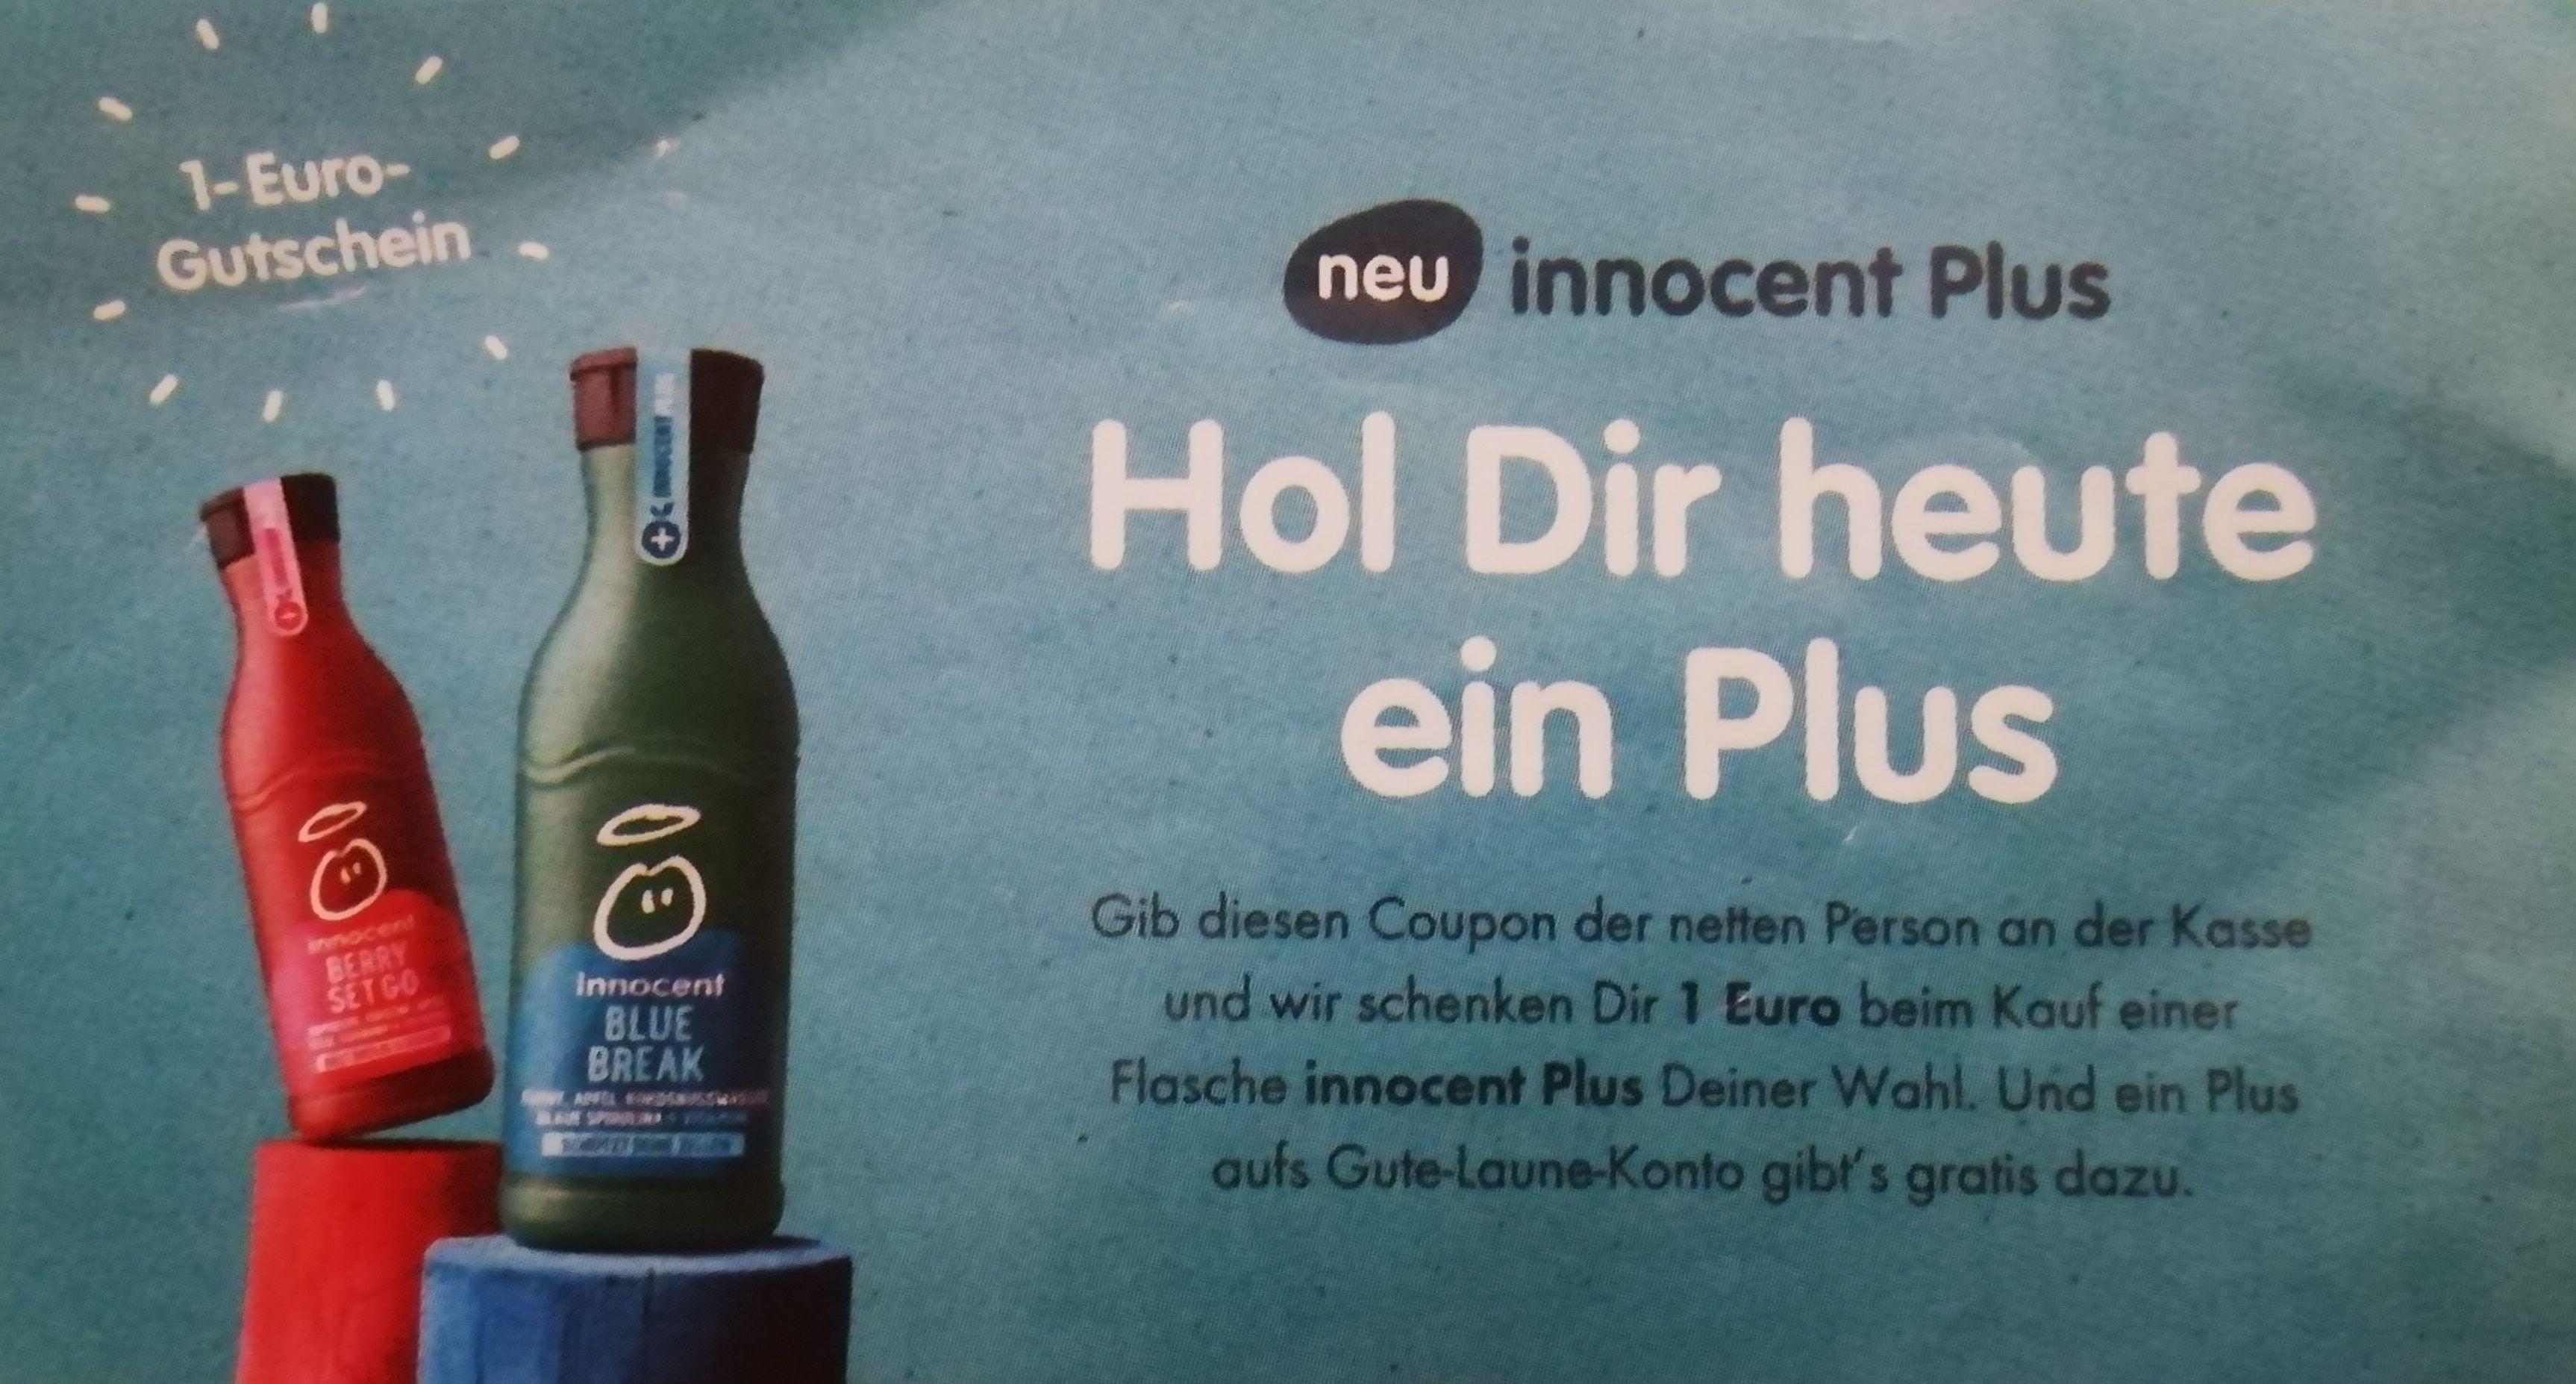 [Edeka +Marktkauf] 1€ Coupon für eine innocent Plus Flasche bis zum 31.12.2019